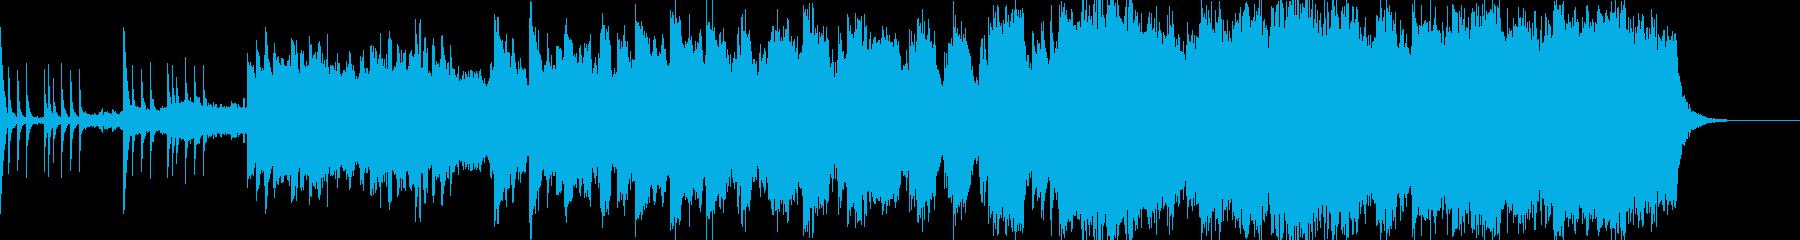 しっとりから徐々に壮大に駆けるバラードの再生済みの波形